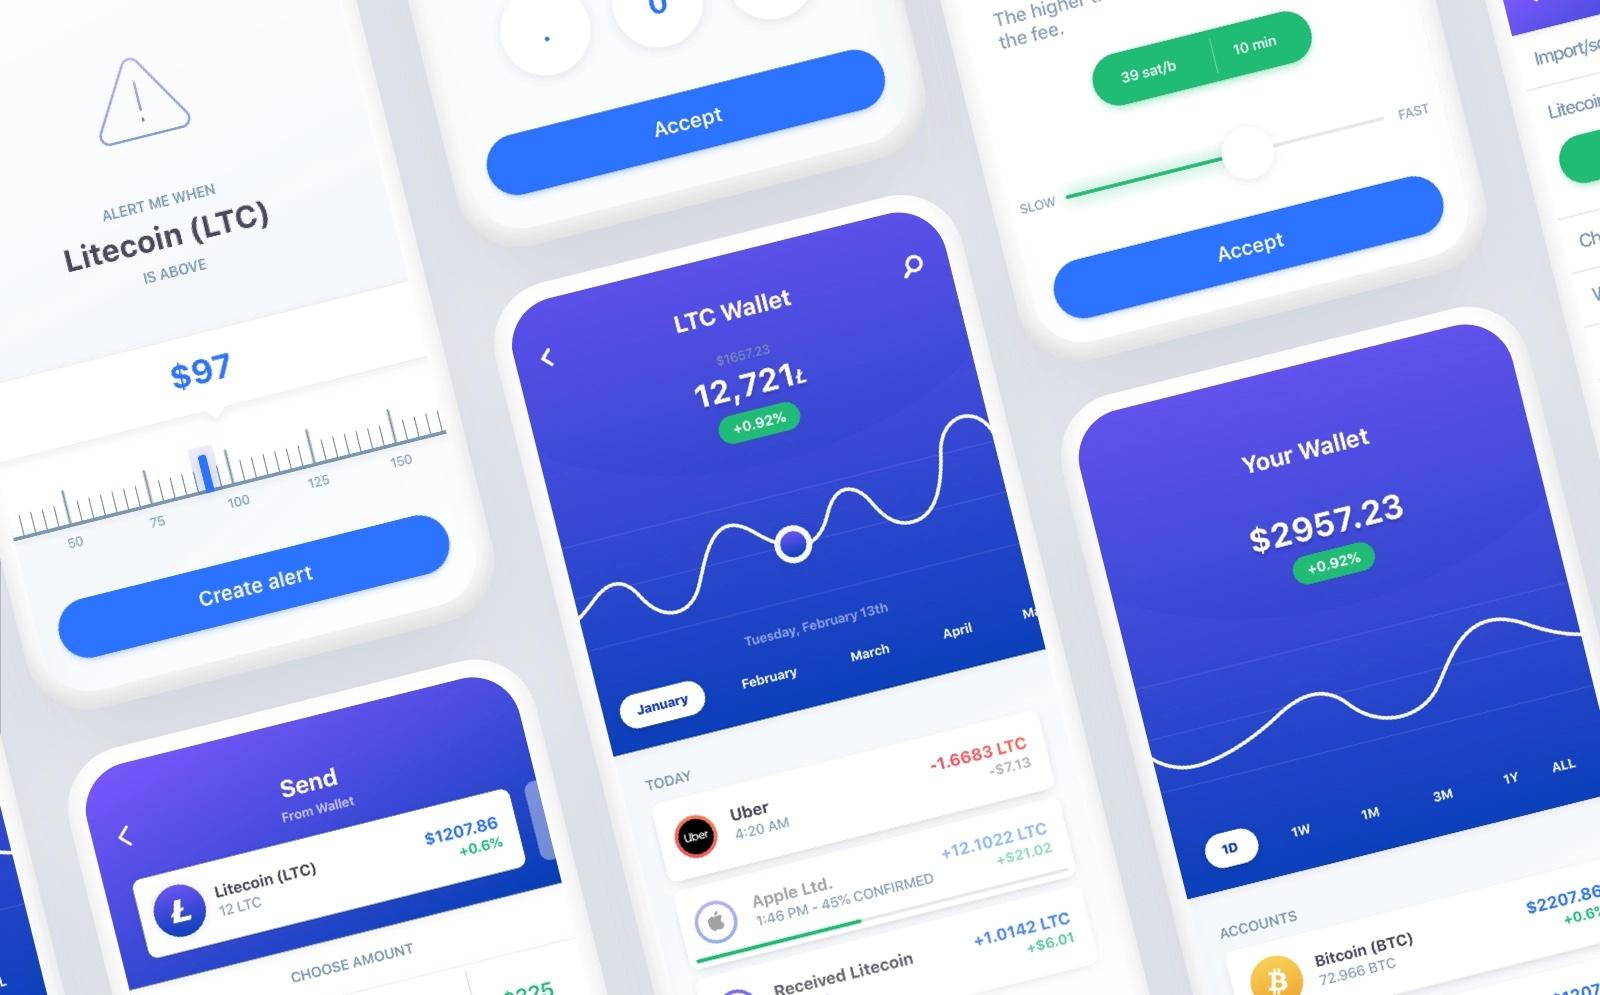 Hype4 App Design for Litecoin